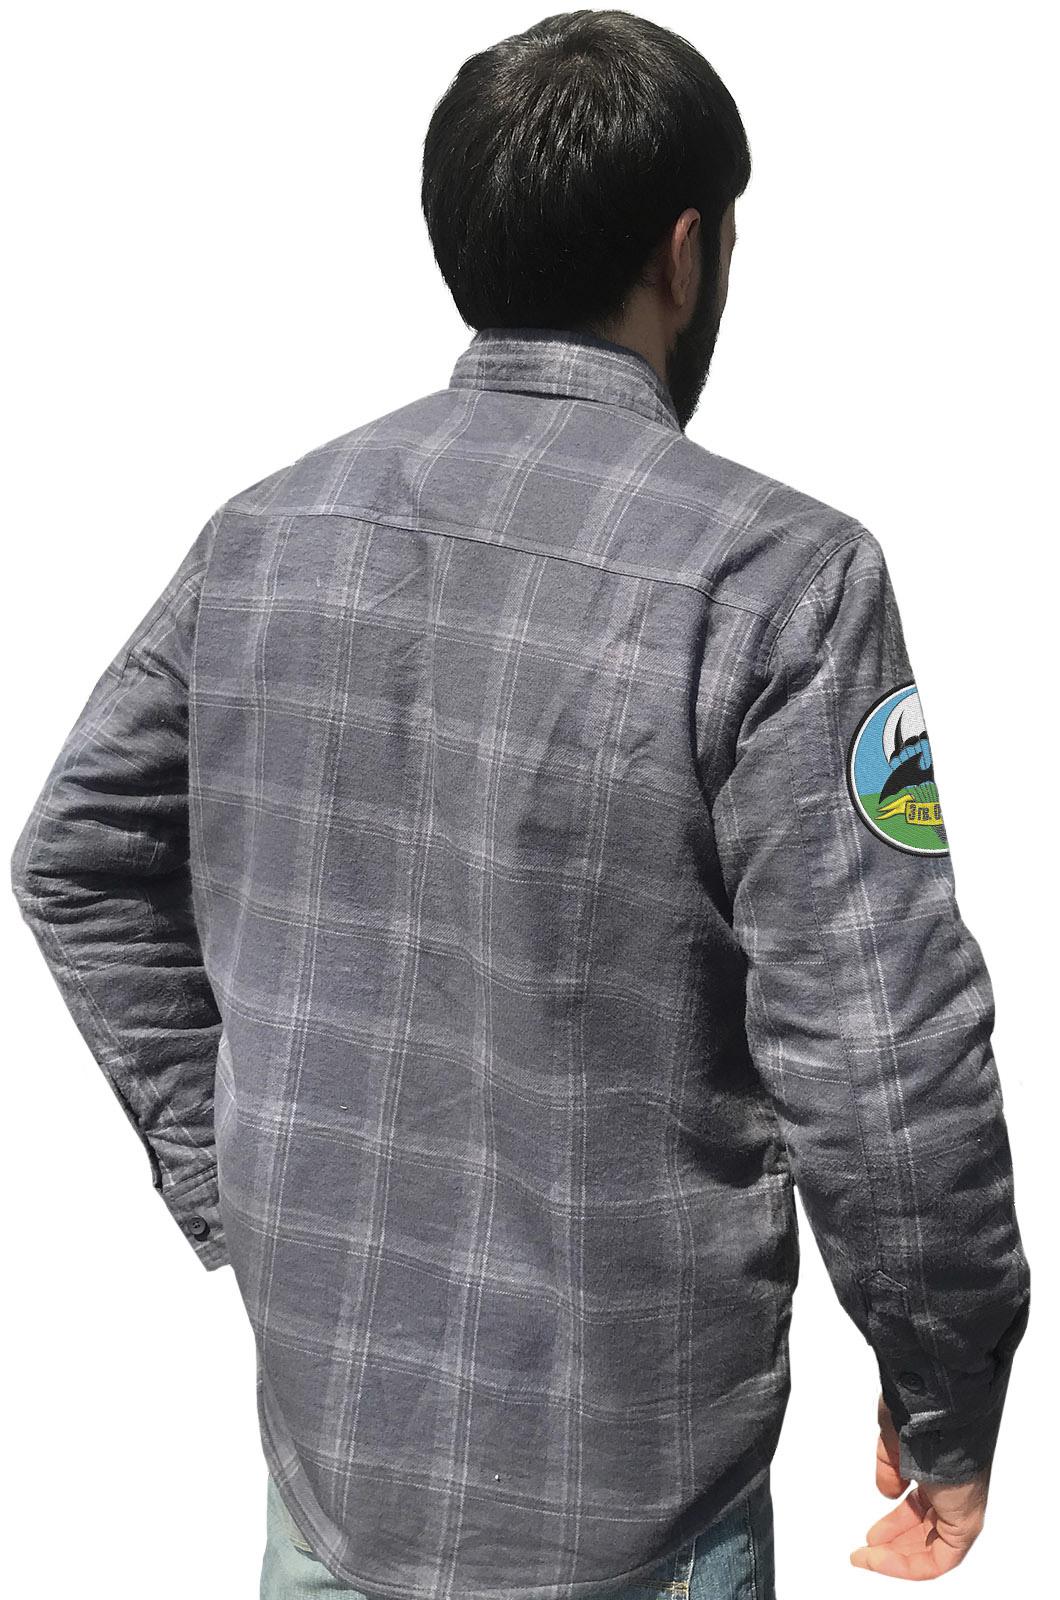 Рубашка в клетку 3 гв. ОБрСпН заказать в подарок